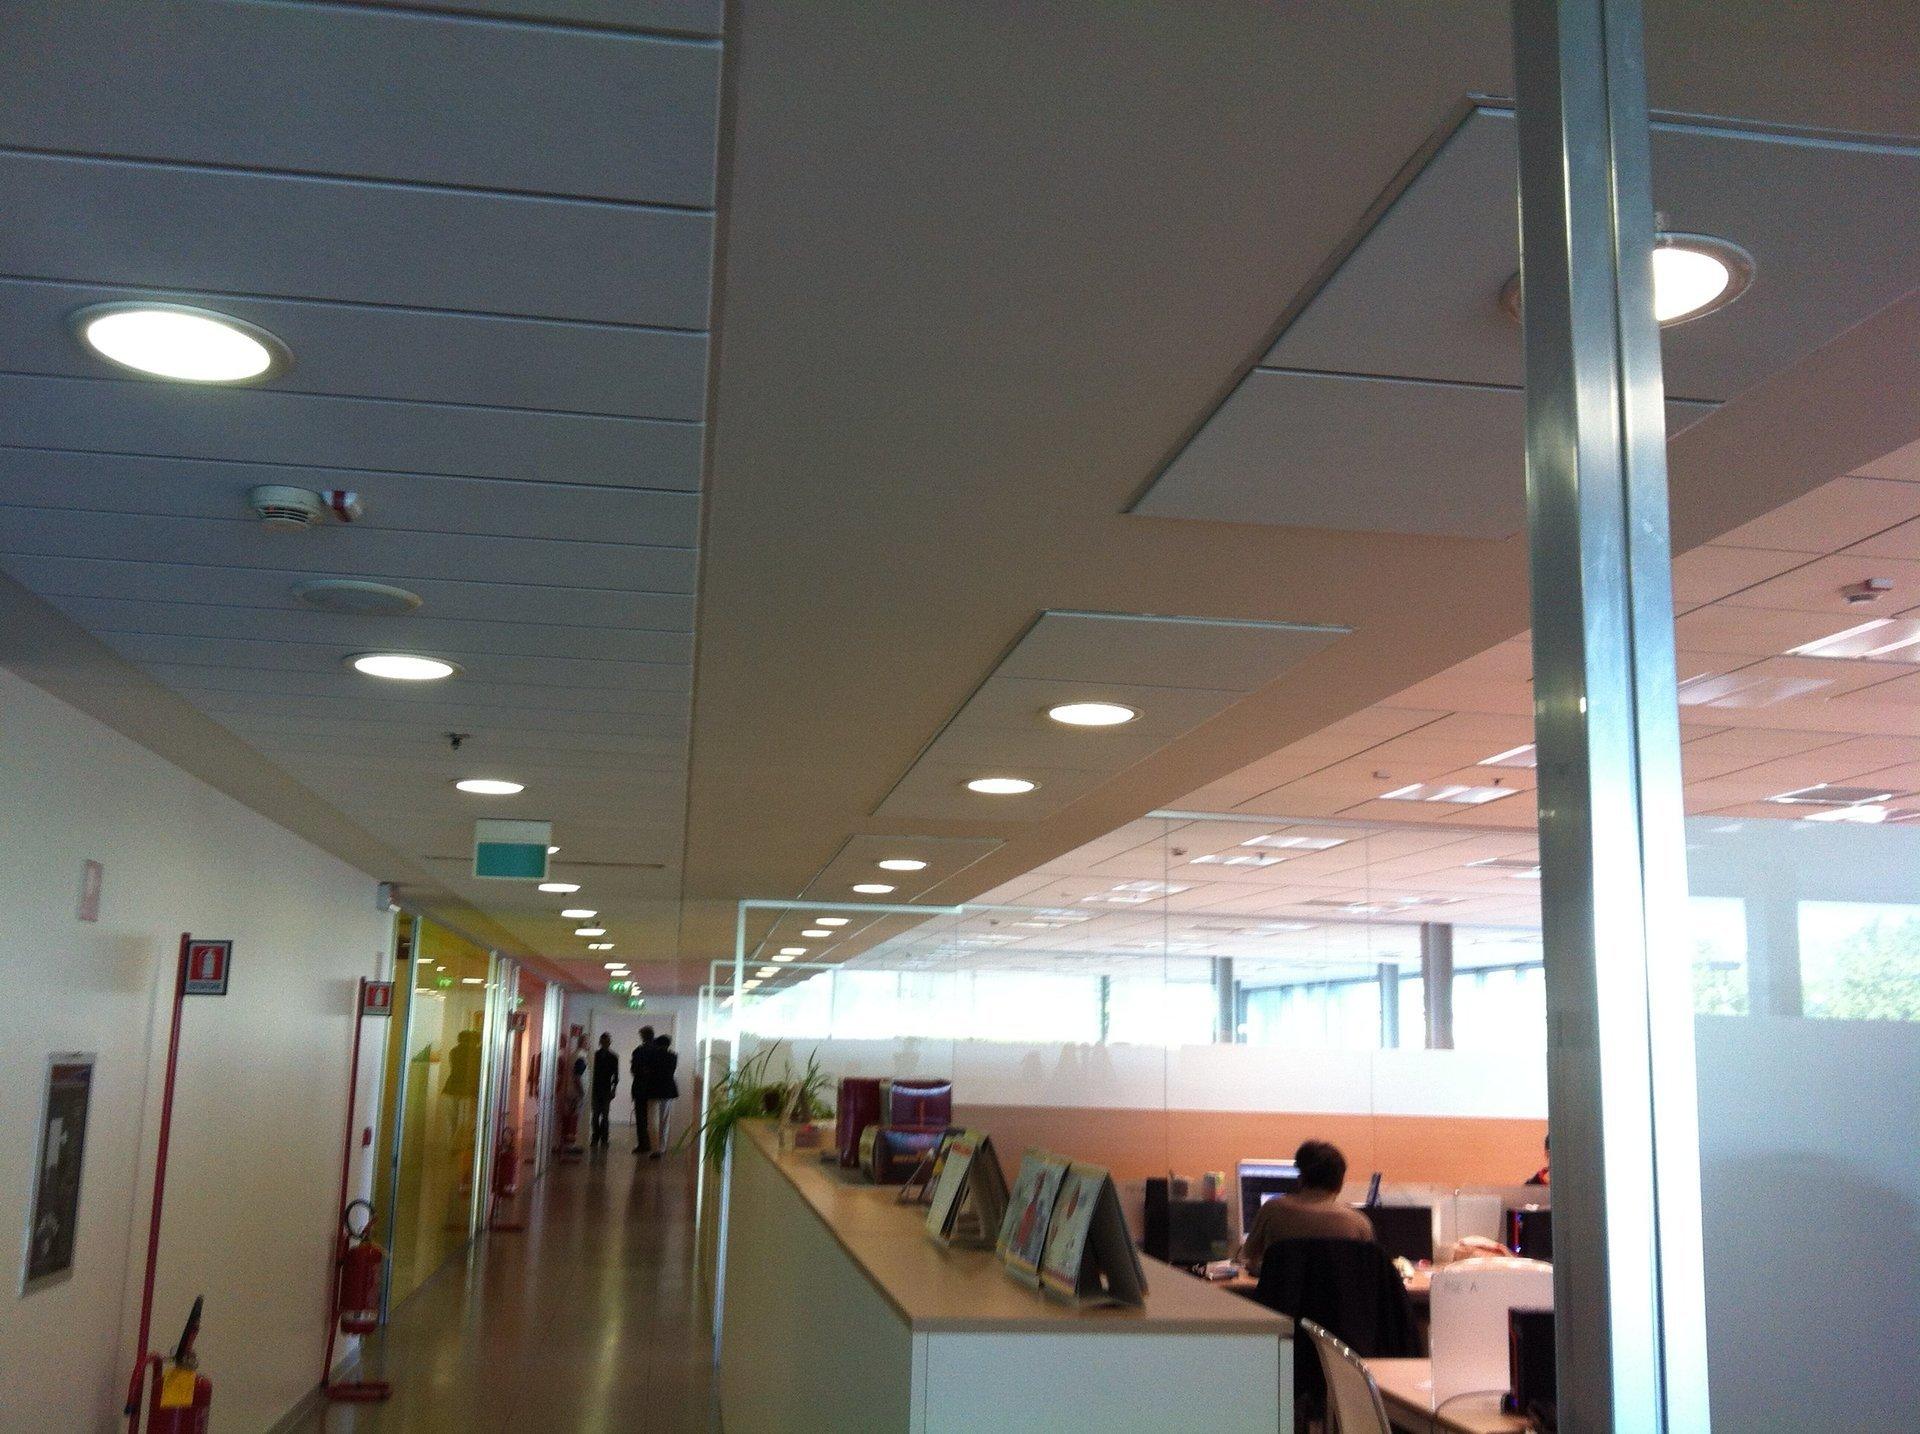 soffitto di un interno di un azienda